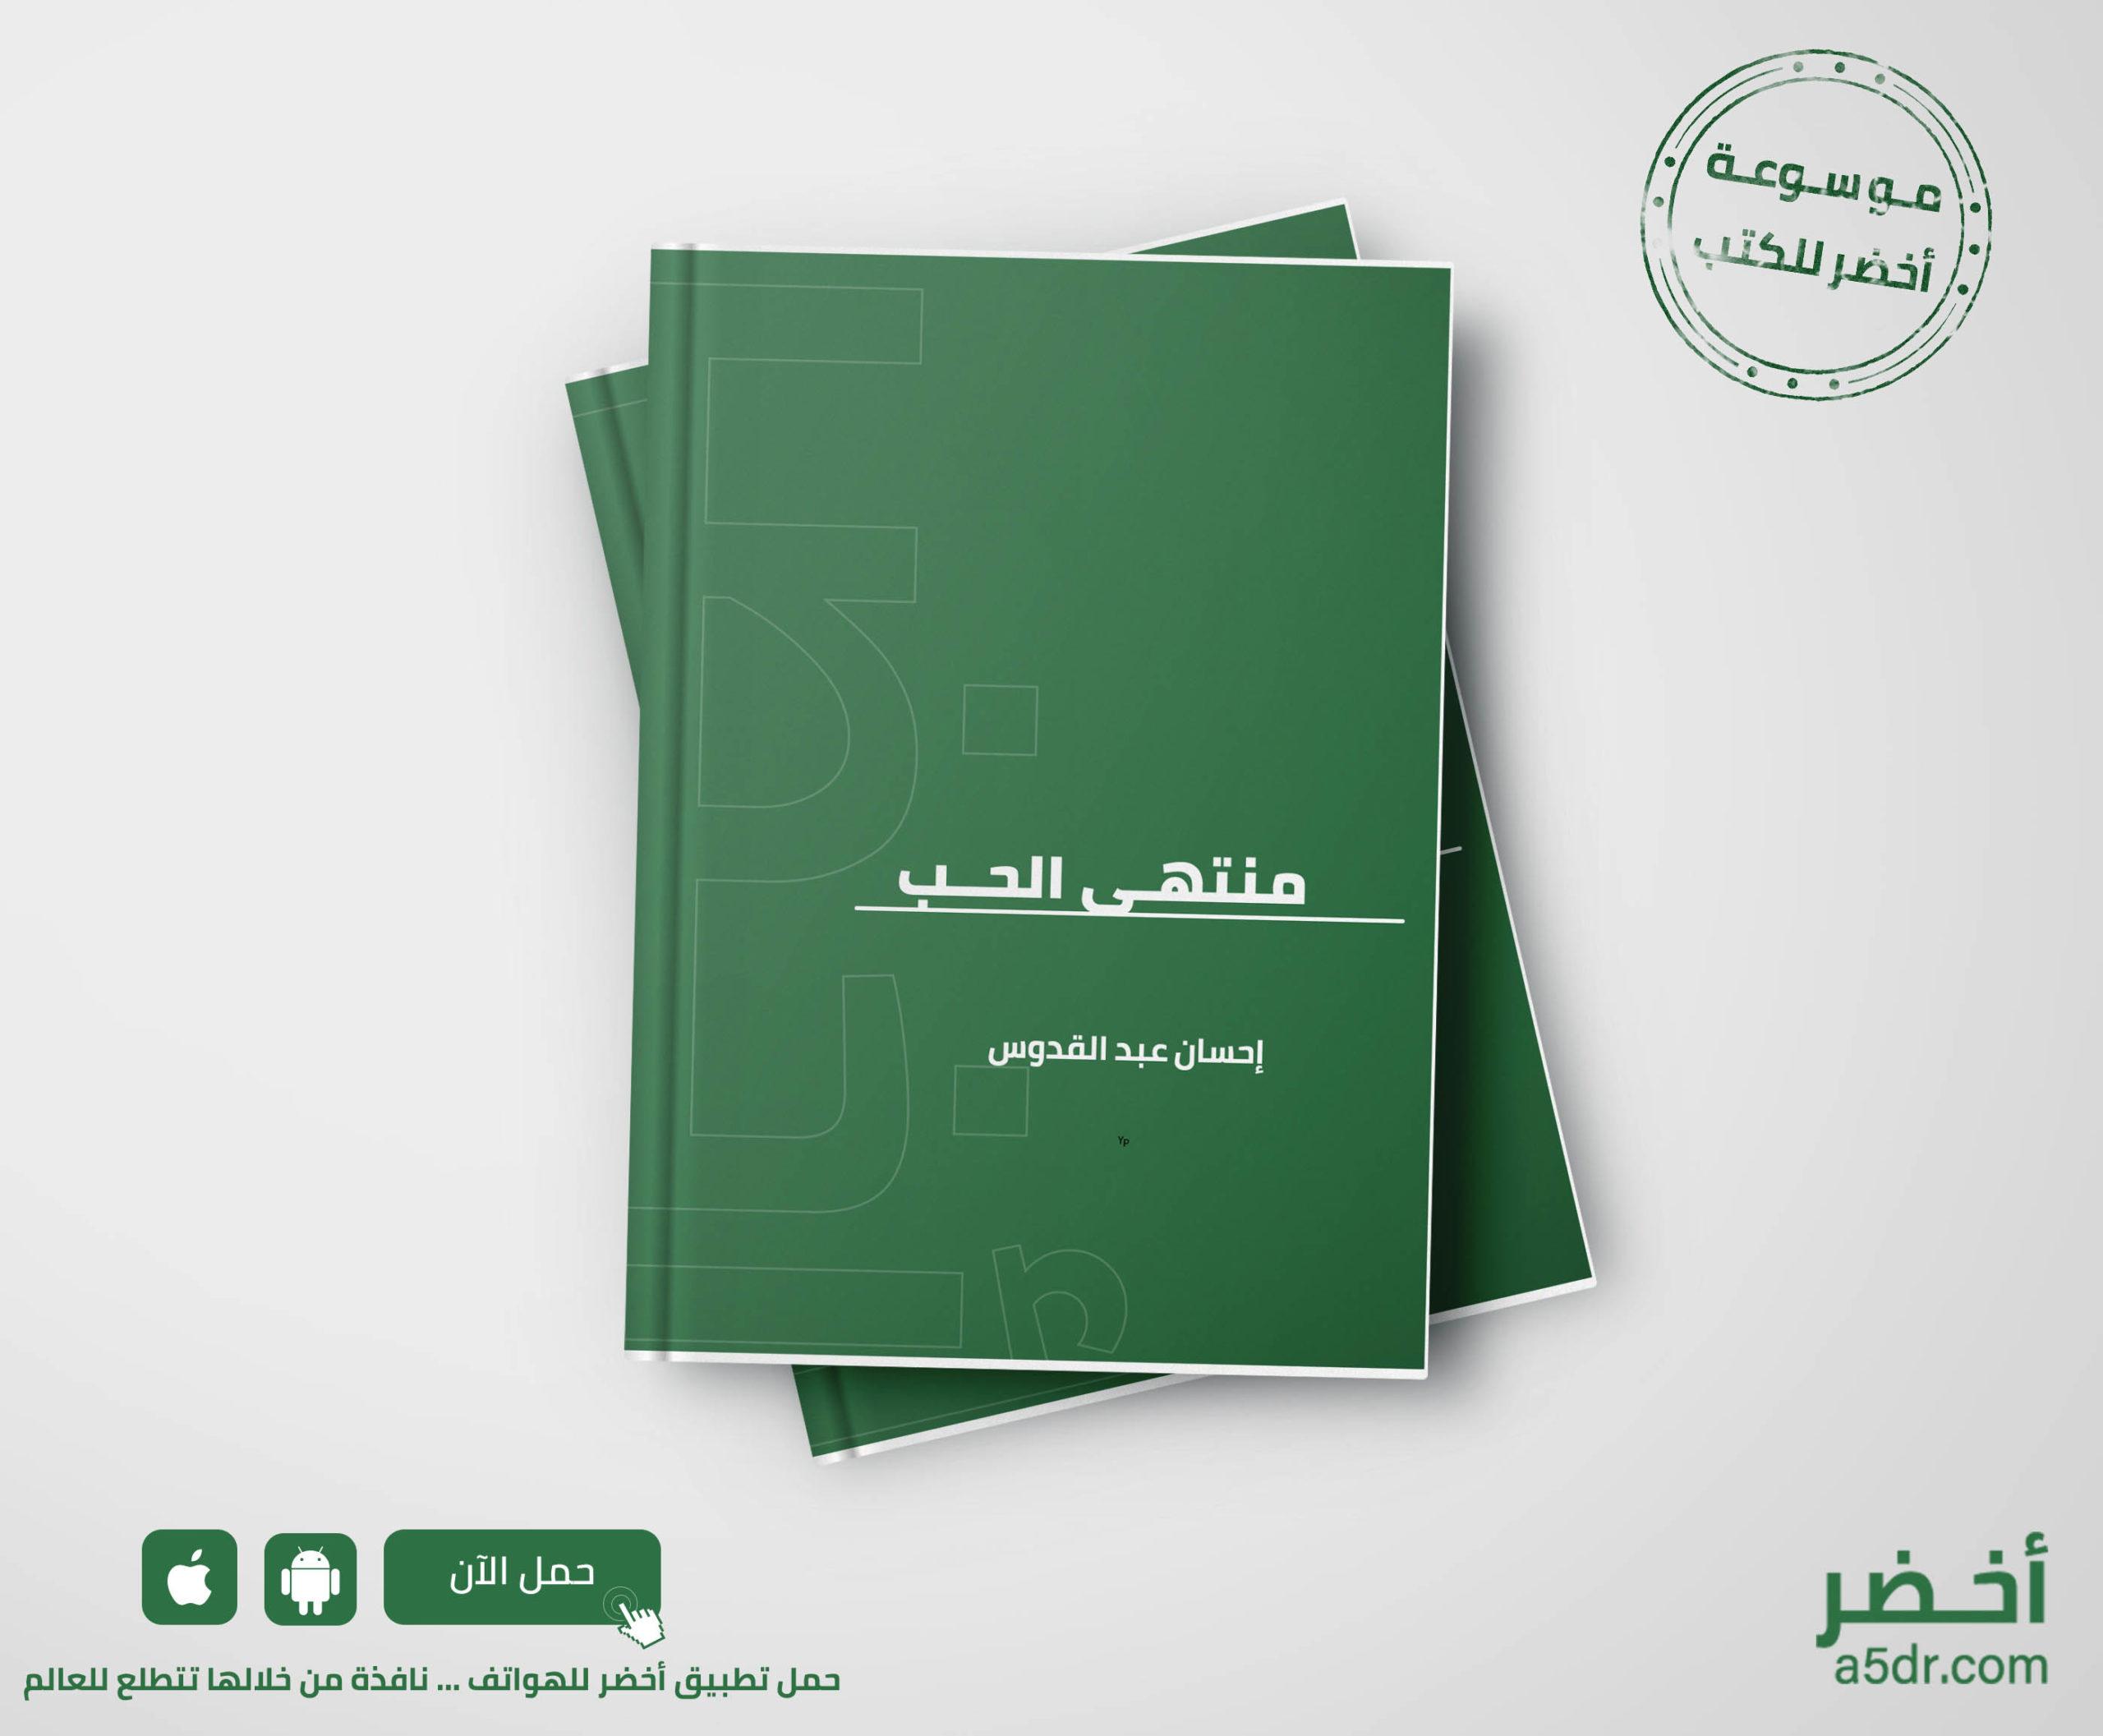 كتاب منتهى الحب - إحسان عبد القدوس